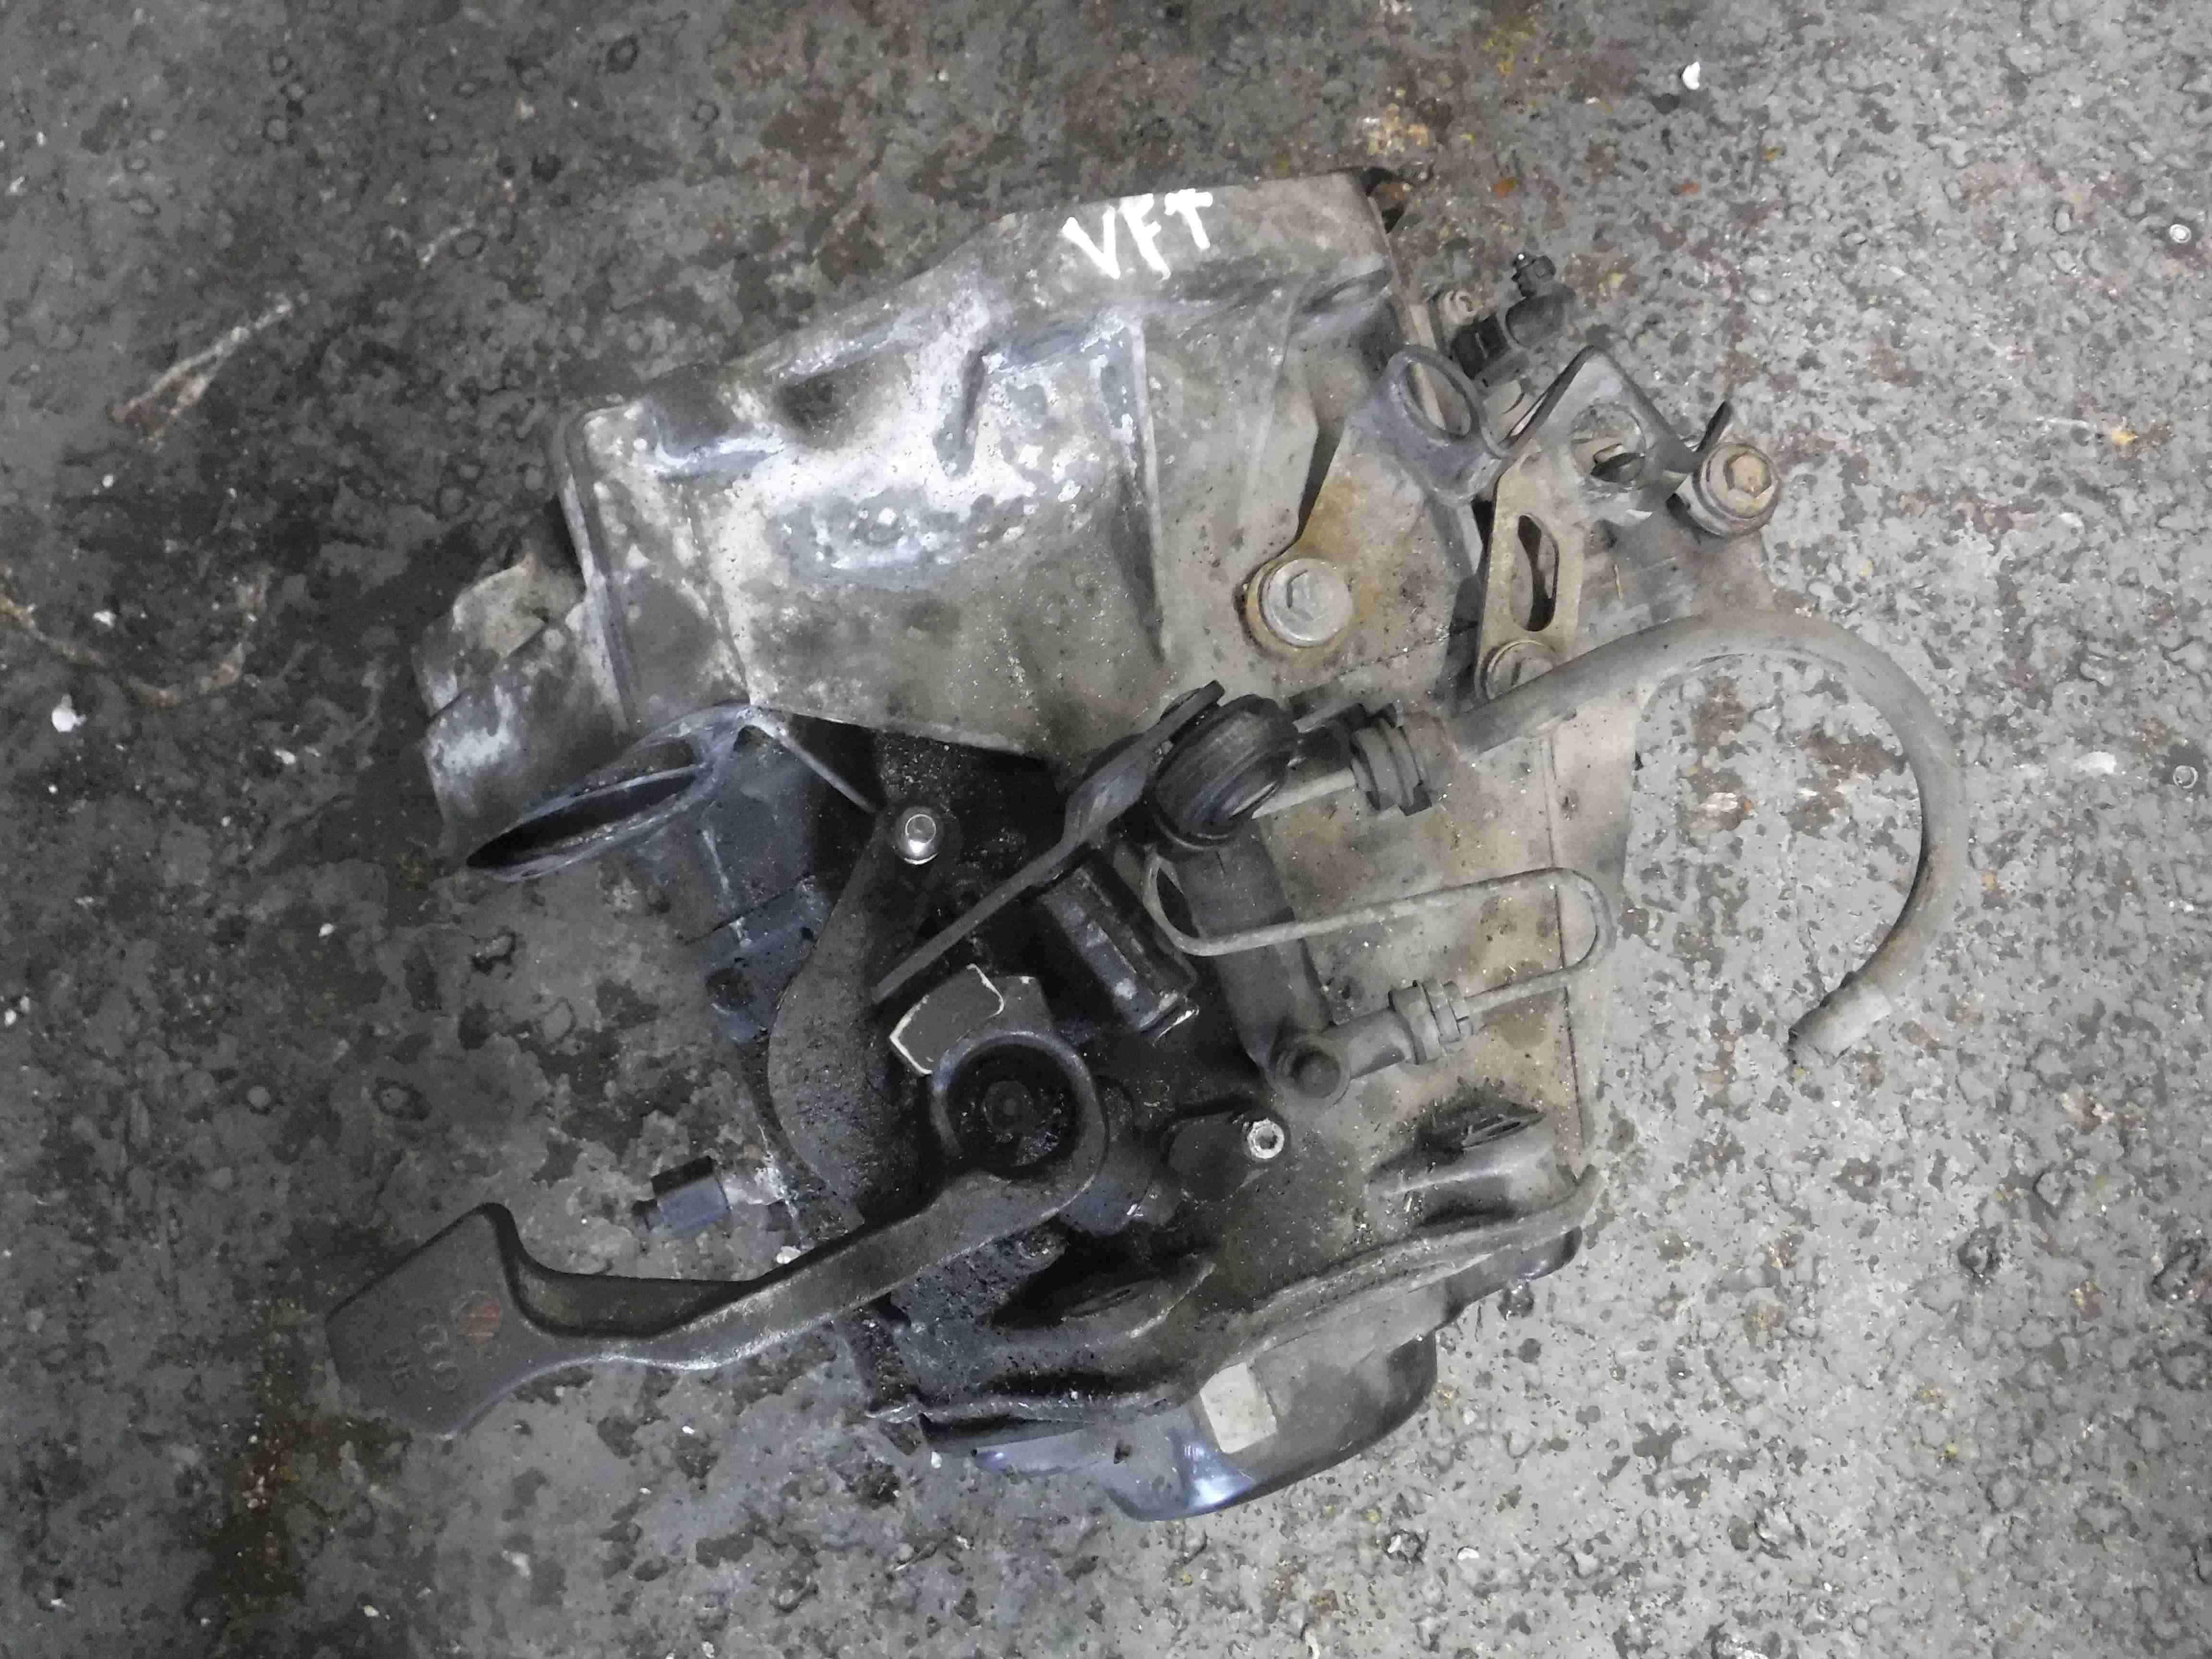 Volkswagen Polo 2003-2006 9N 1.4 16v 5 Speed Gearbox FVT fvt